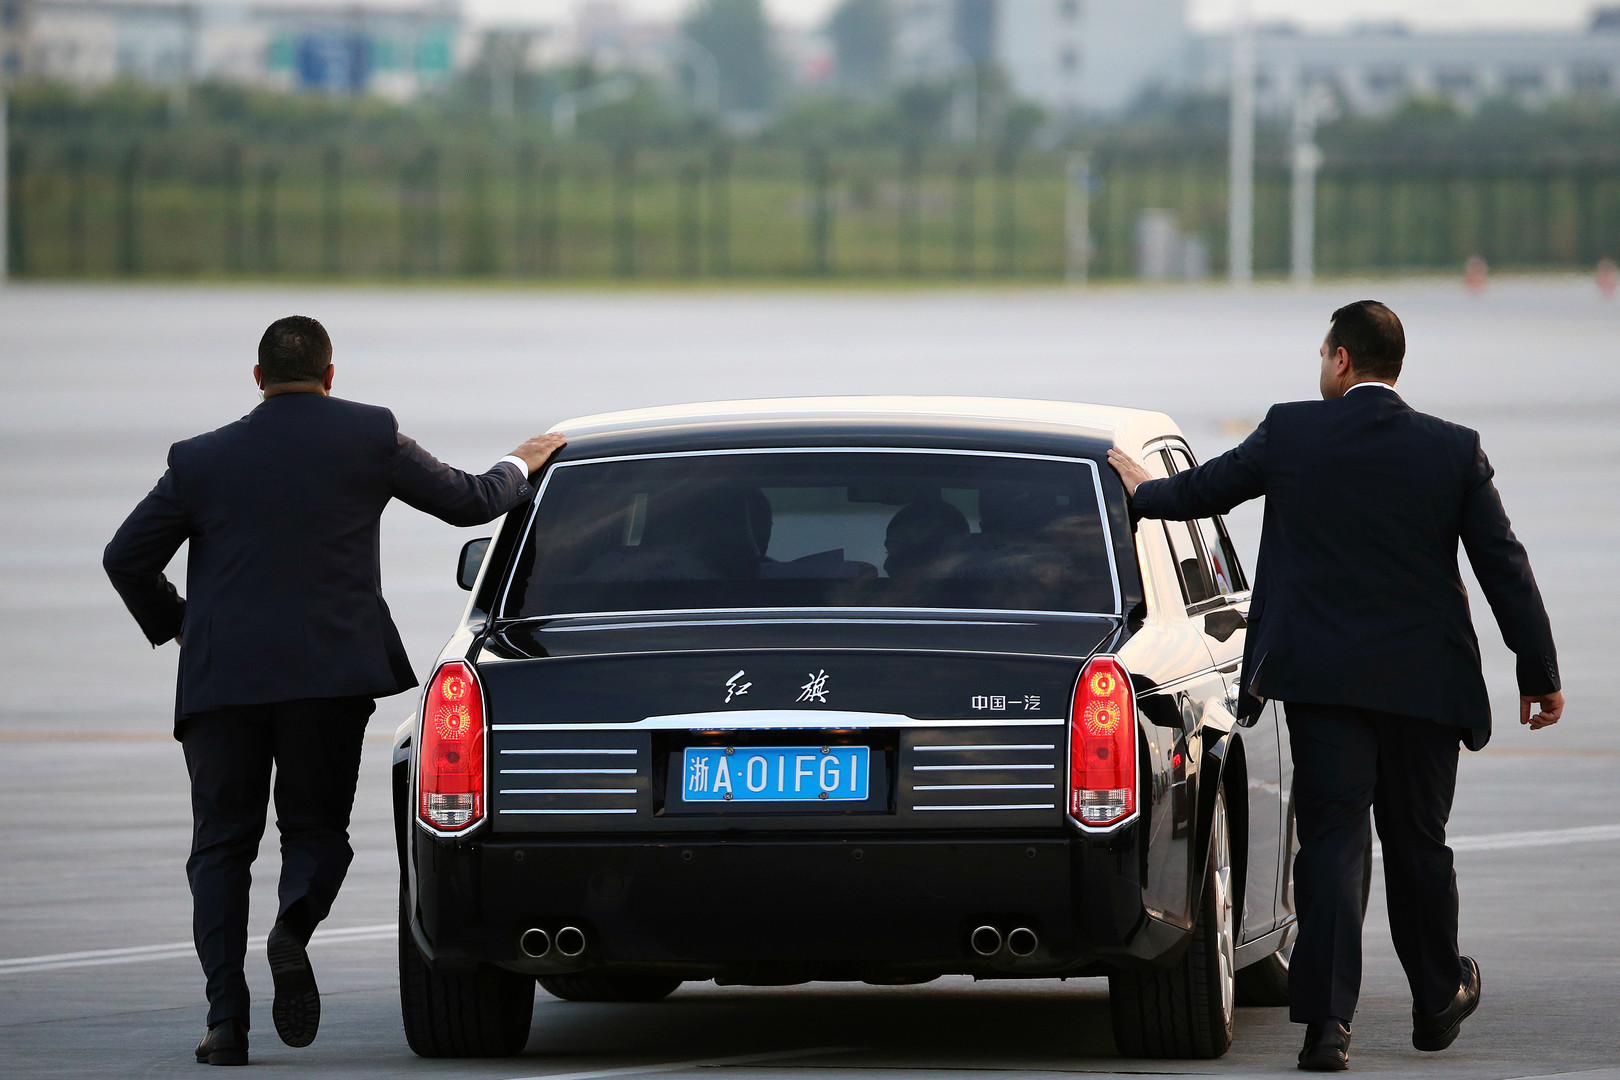 Sicherheitskräfte begleiten das Auto des ägyptischen Präsidenten, Abdel Fattah al-Sisi, nach seiner Ankunft in Hanzhou